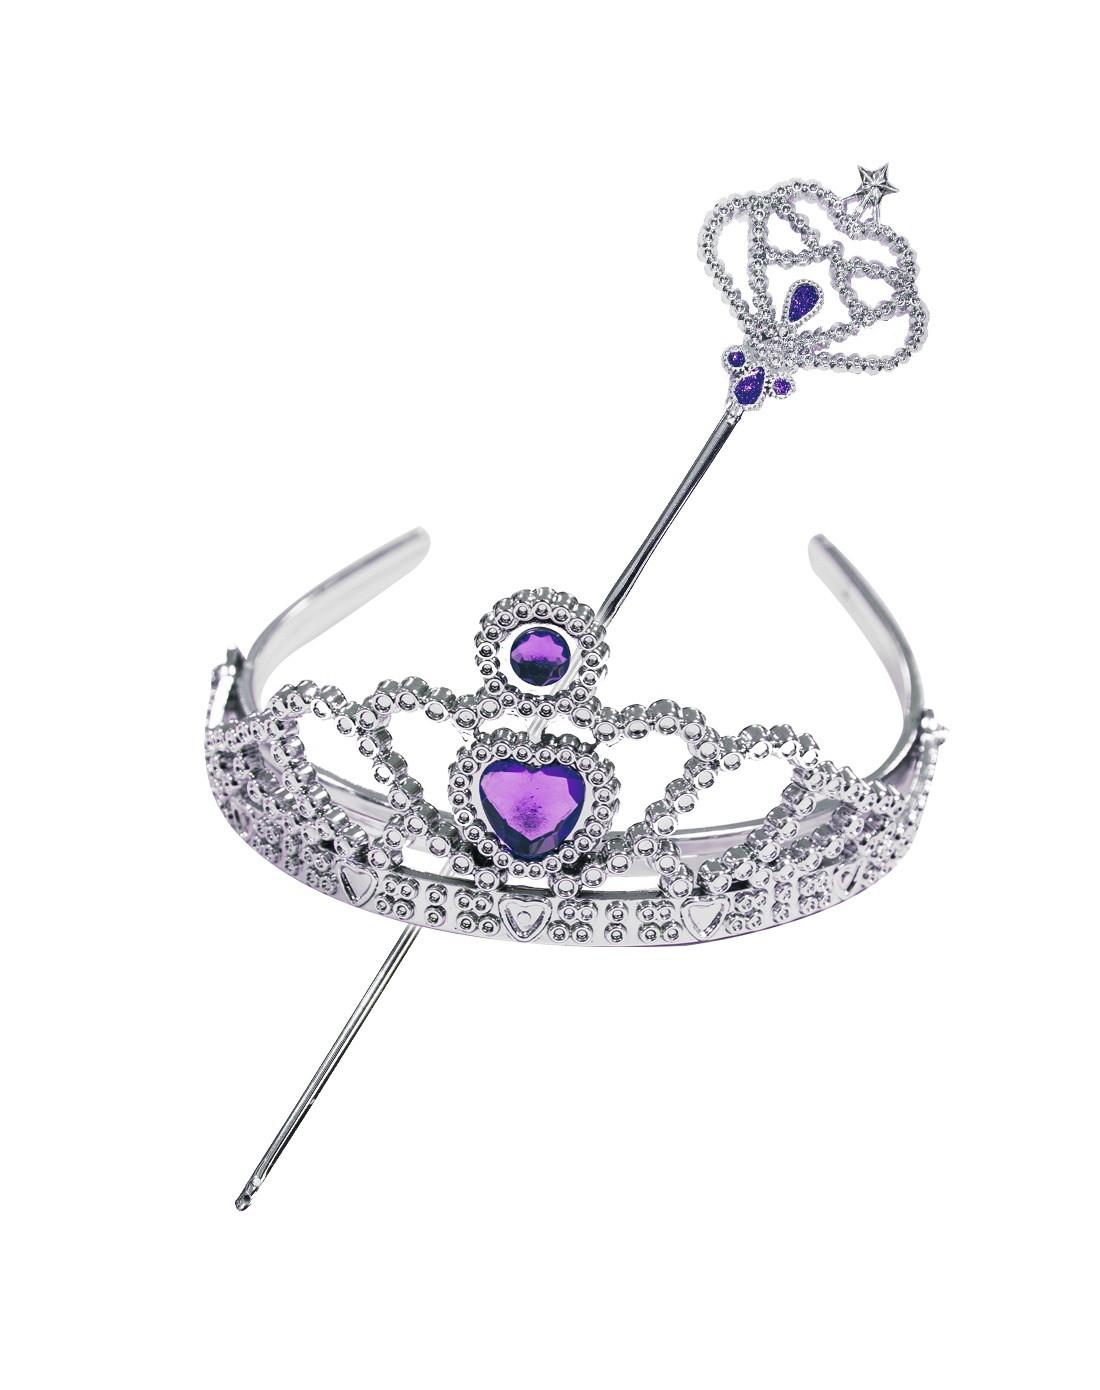 苏菲亚小公主皇冠手杖套装